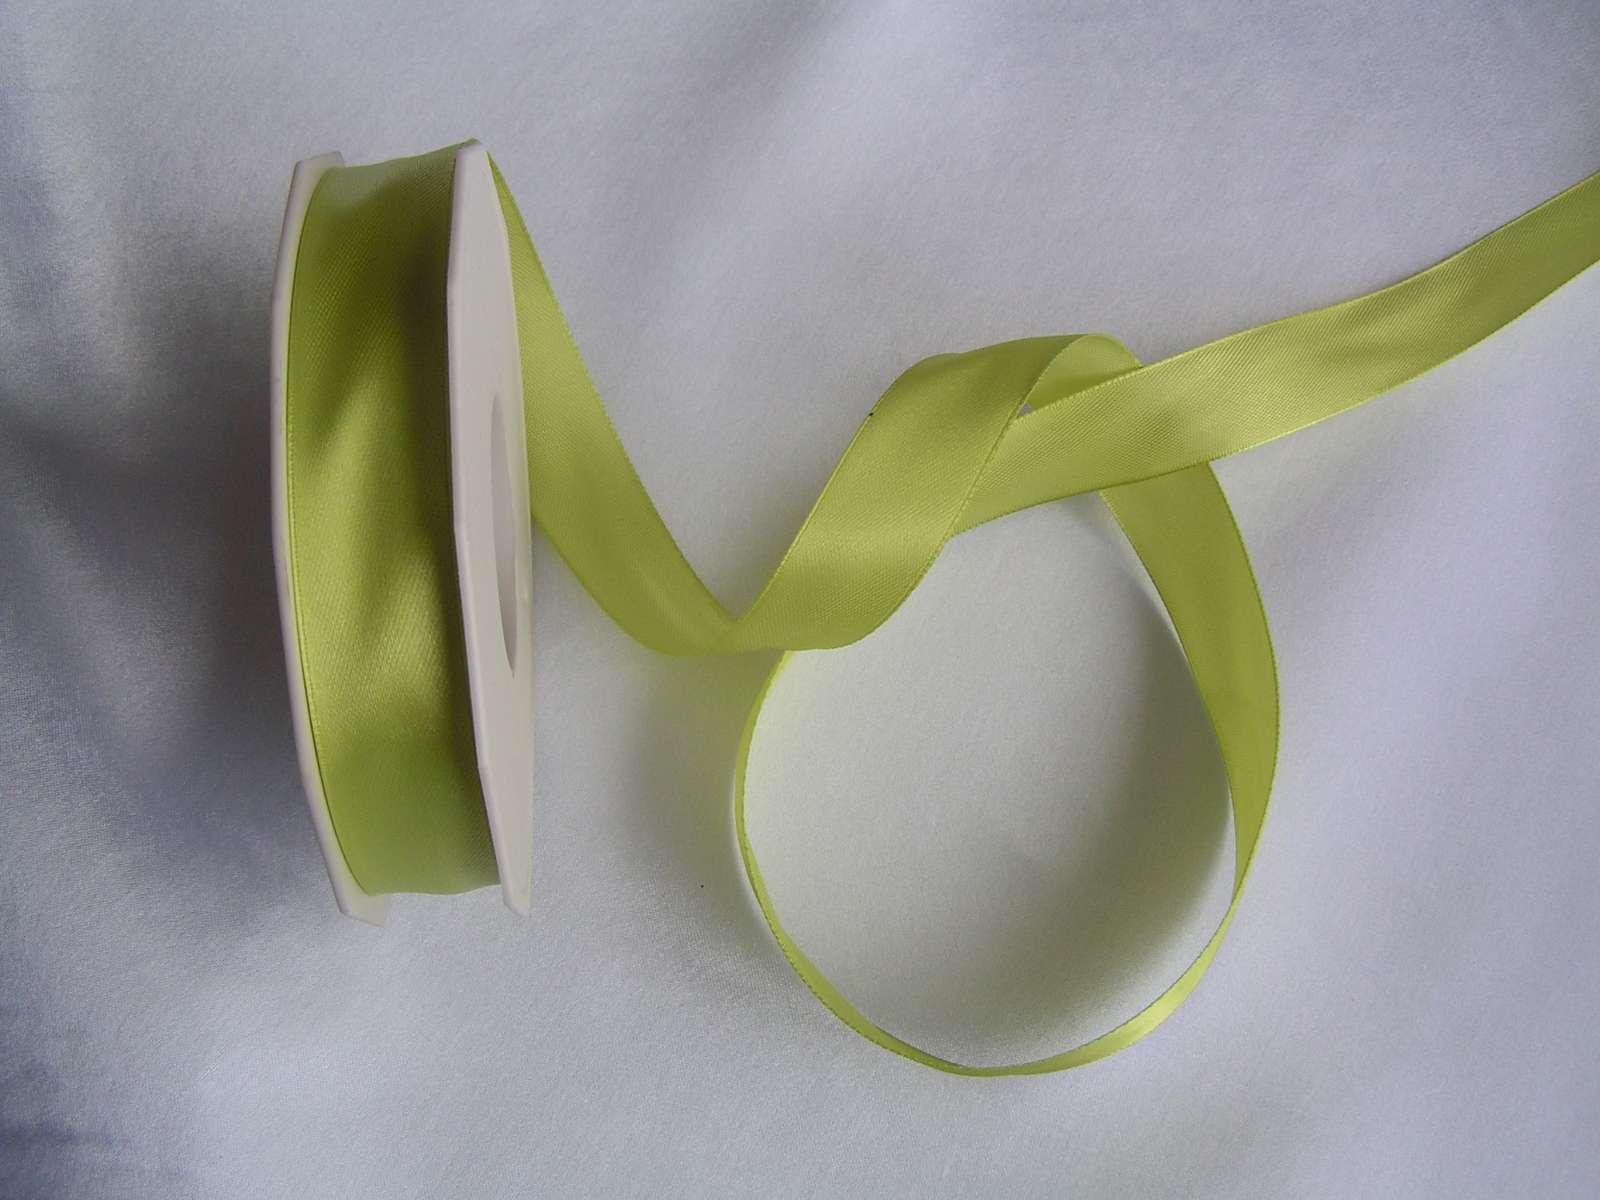 Zelená saténová stuha 20 mm - Obrázek č. 1